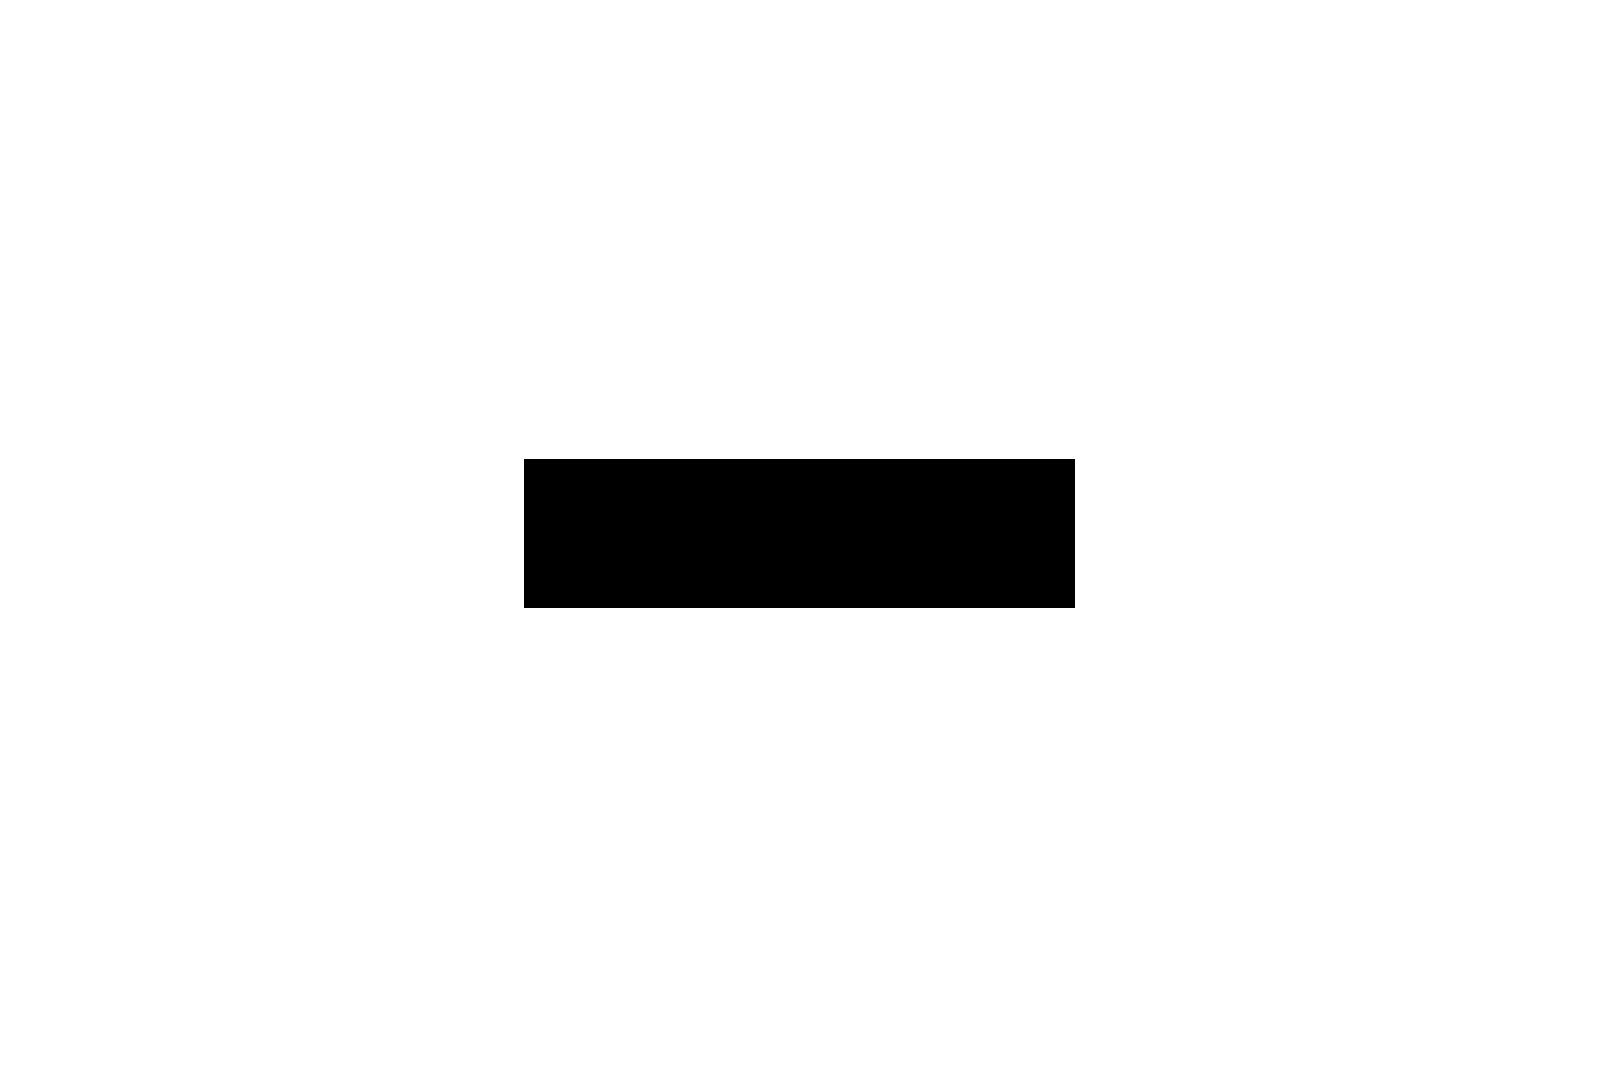 Tu Pulgar Va Deslizandose Por El Mundo Una Playa Con Cielo Rosa Y Veinticinco Pajaros Volando Bali Foto De Un Look Sin Abrigo En La Fashion Week